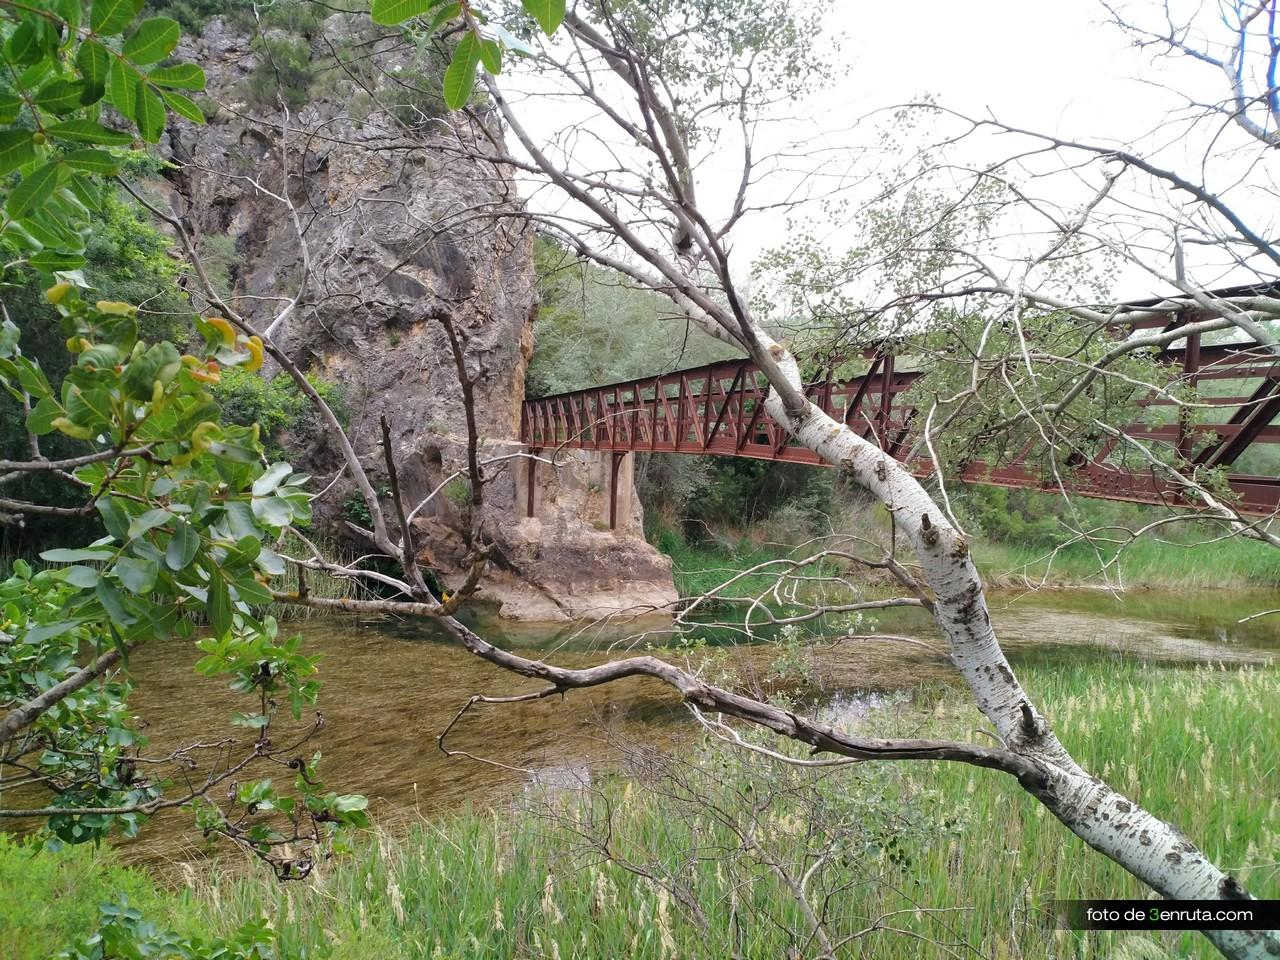 Puente superado. Aunque no lo parezca la altura es considerable